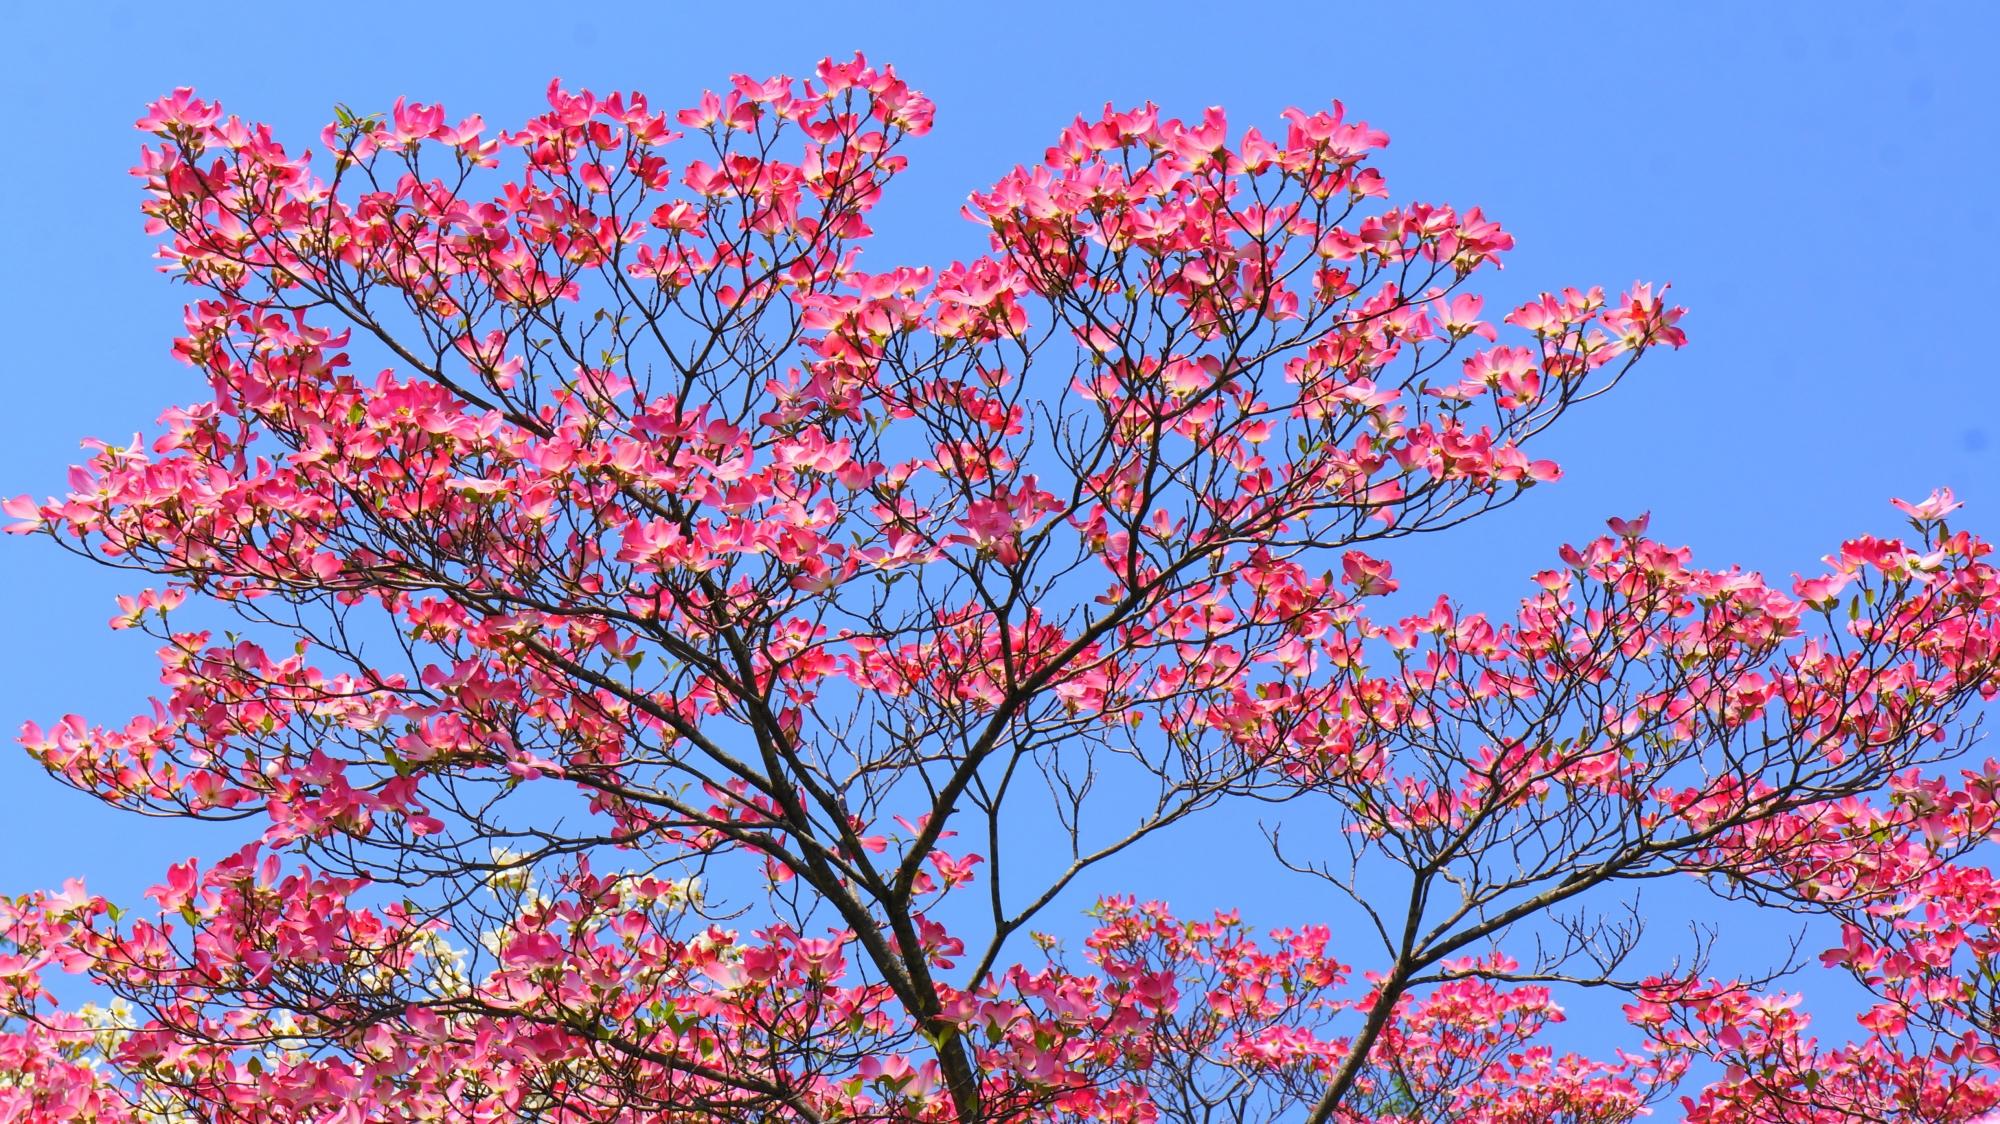 青空に透けるような美しいピンクのハナミズキ